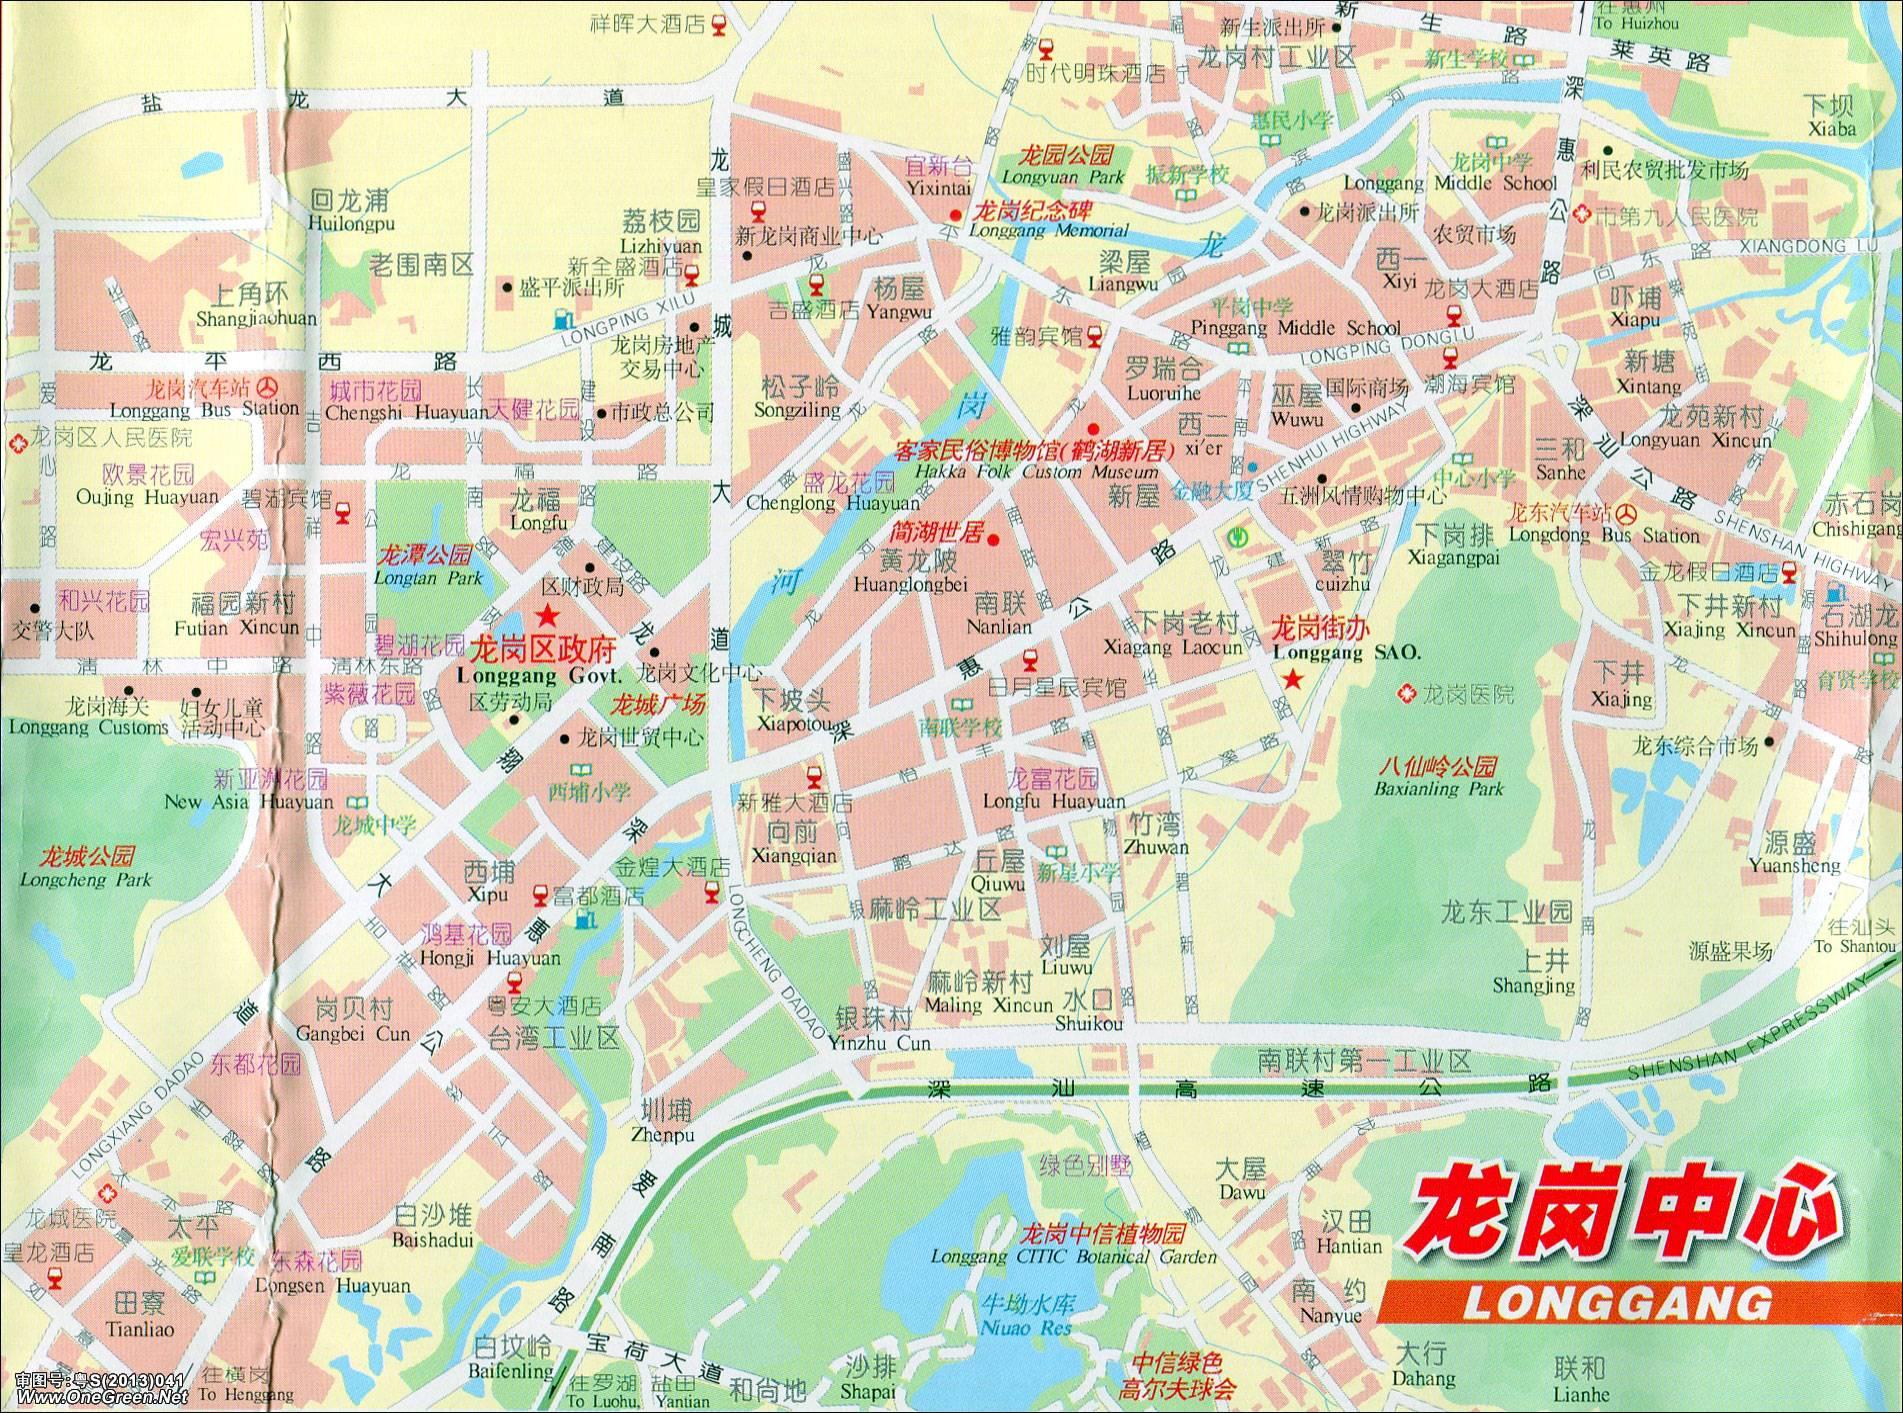 深圳市三维地图_深圳龙岗区三维地图- _汇潮装饰网